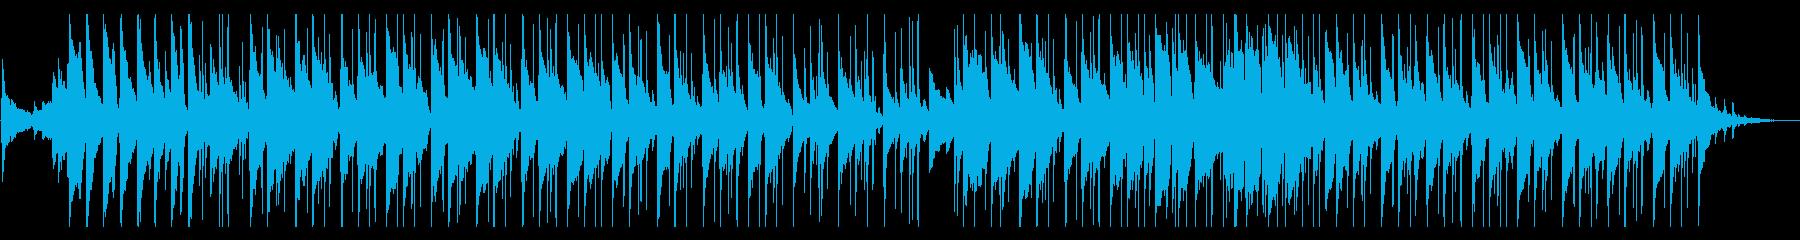 シンデレラをイメージしたポップなBGMの再生済みの波形